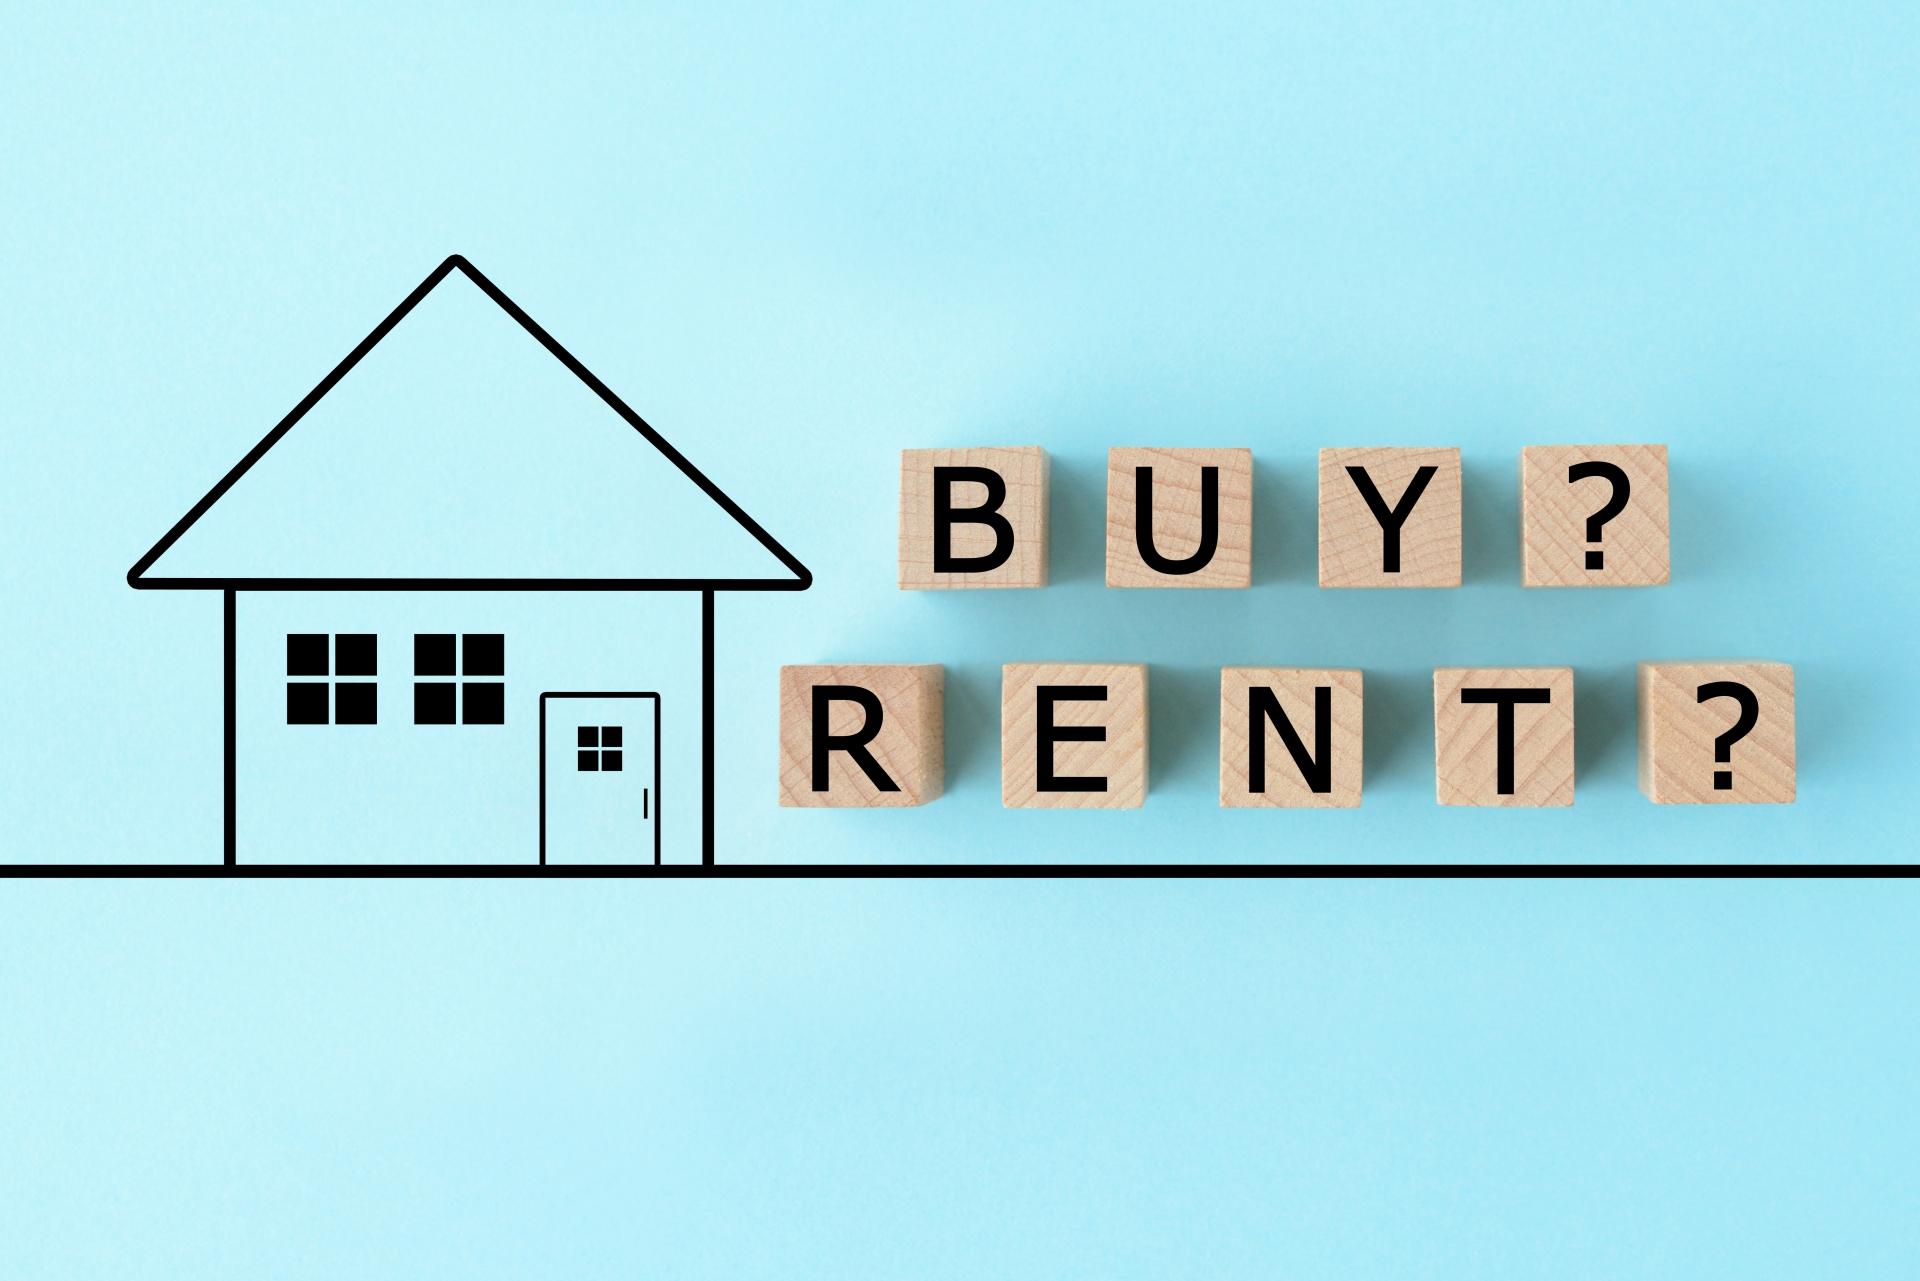 持ち家と賃貸なら賃貸がお得!ではない。賃貸住まいに必須な1つの技術